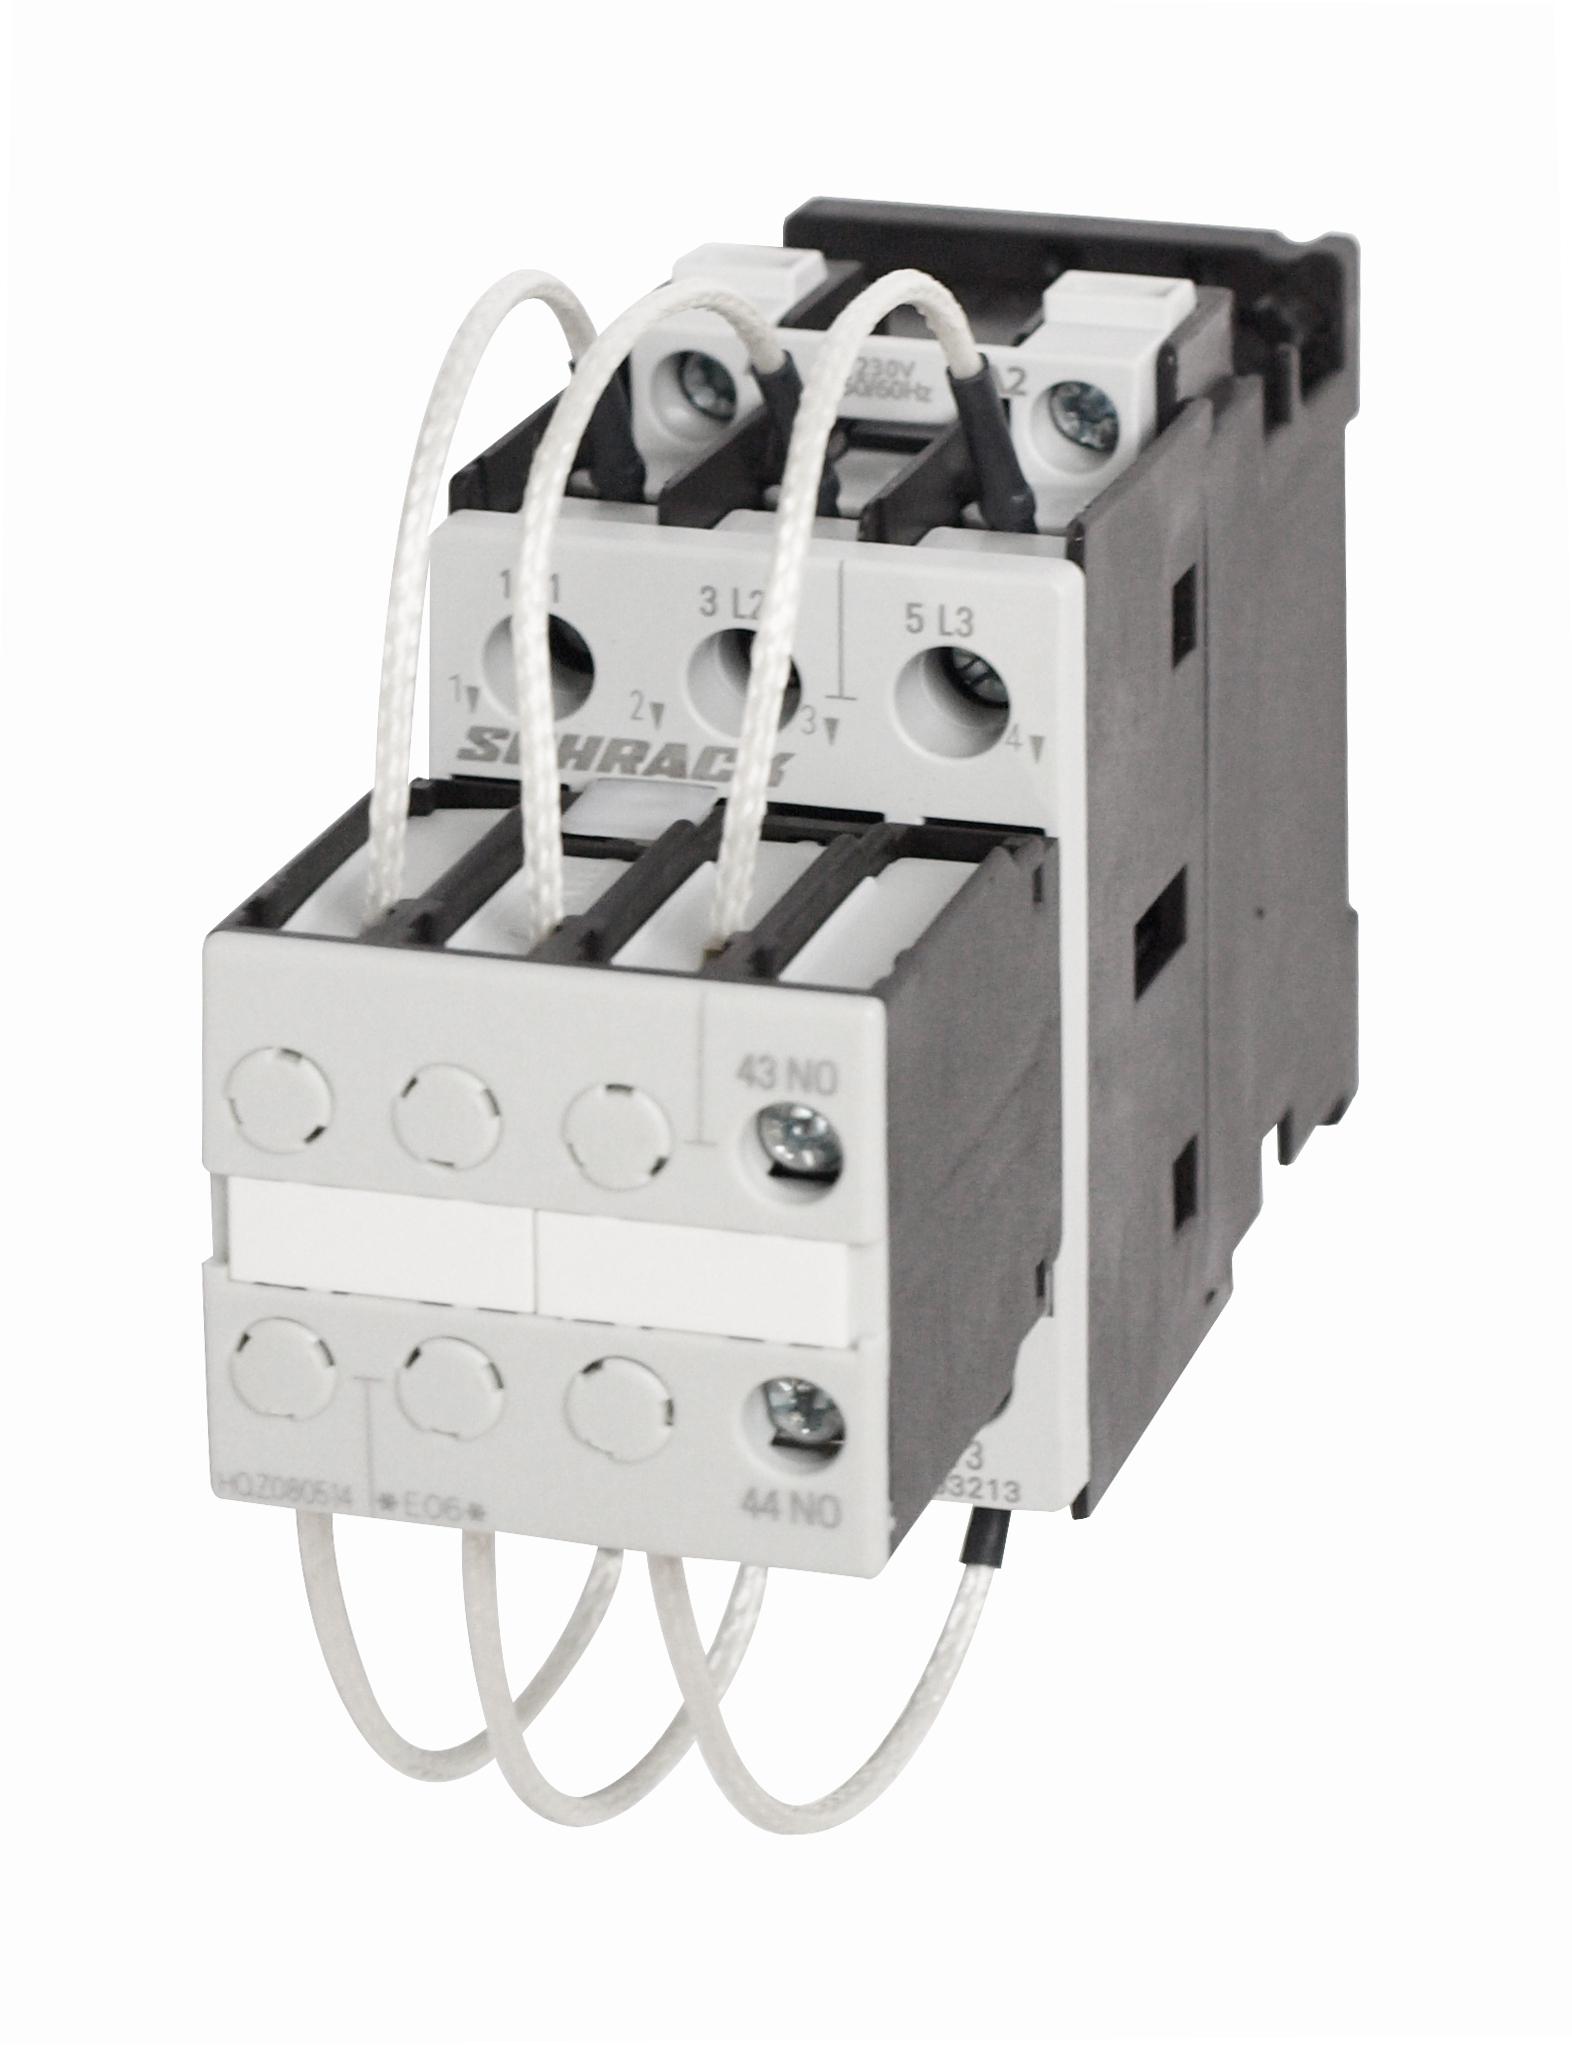 1 Stk Kondensatorschütz, AC6 25kVAr/400V, 230VAC, 1S, 0 LSK03213--